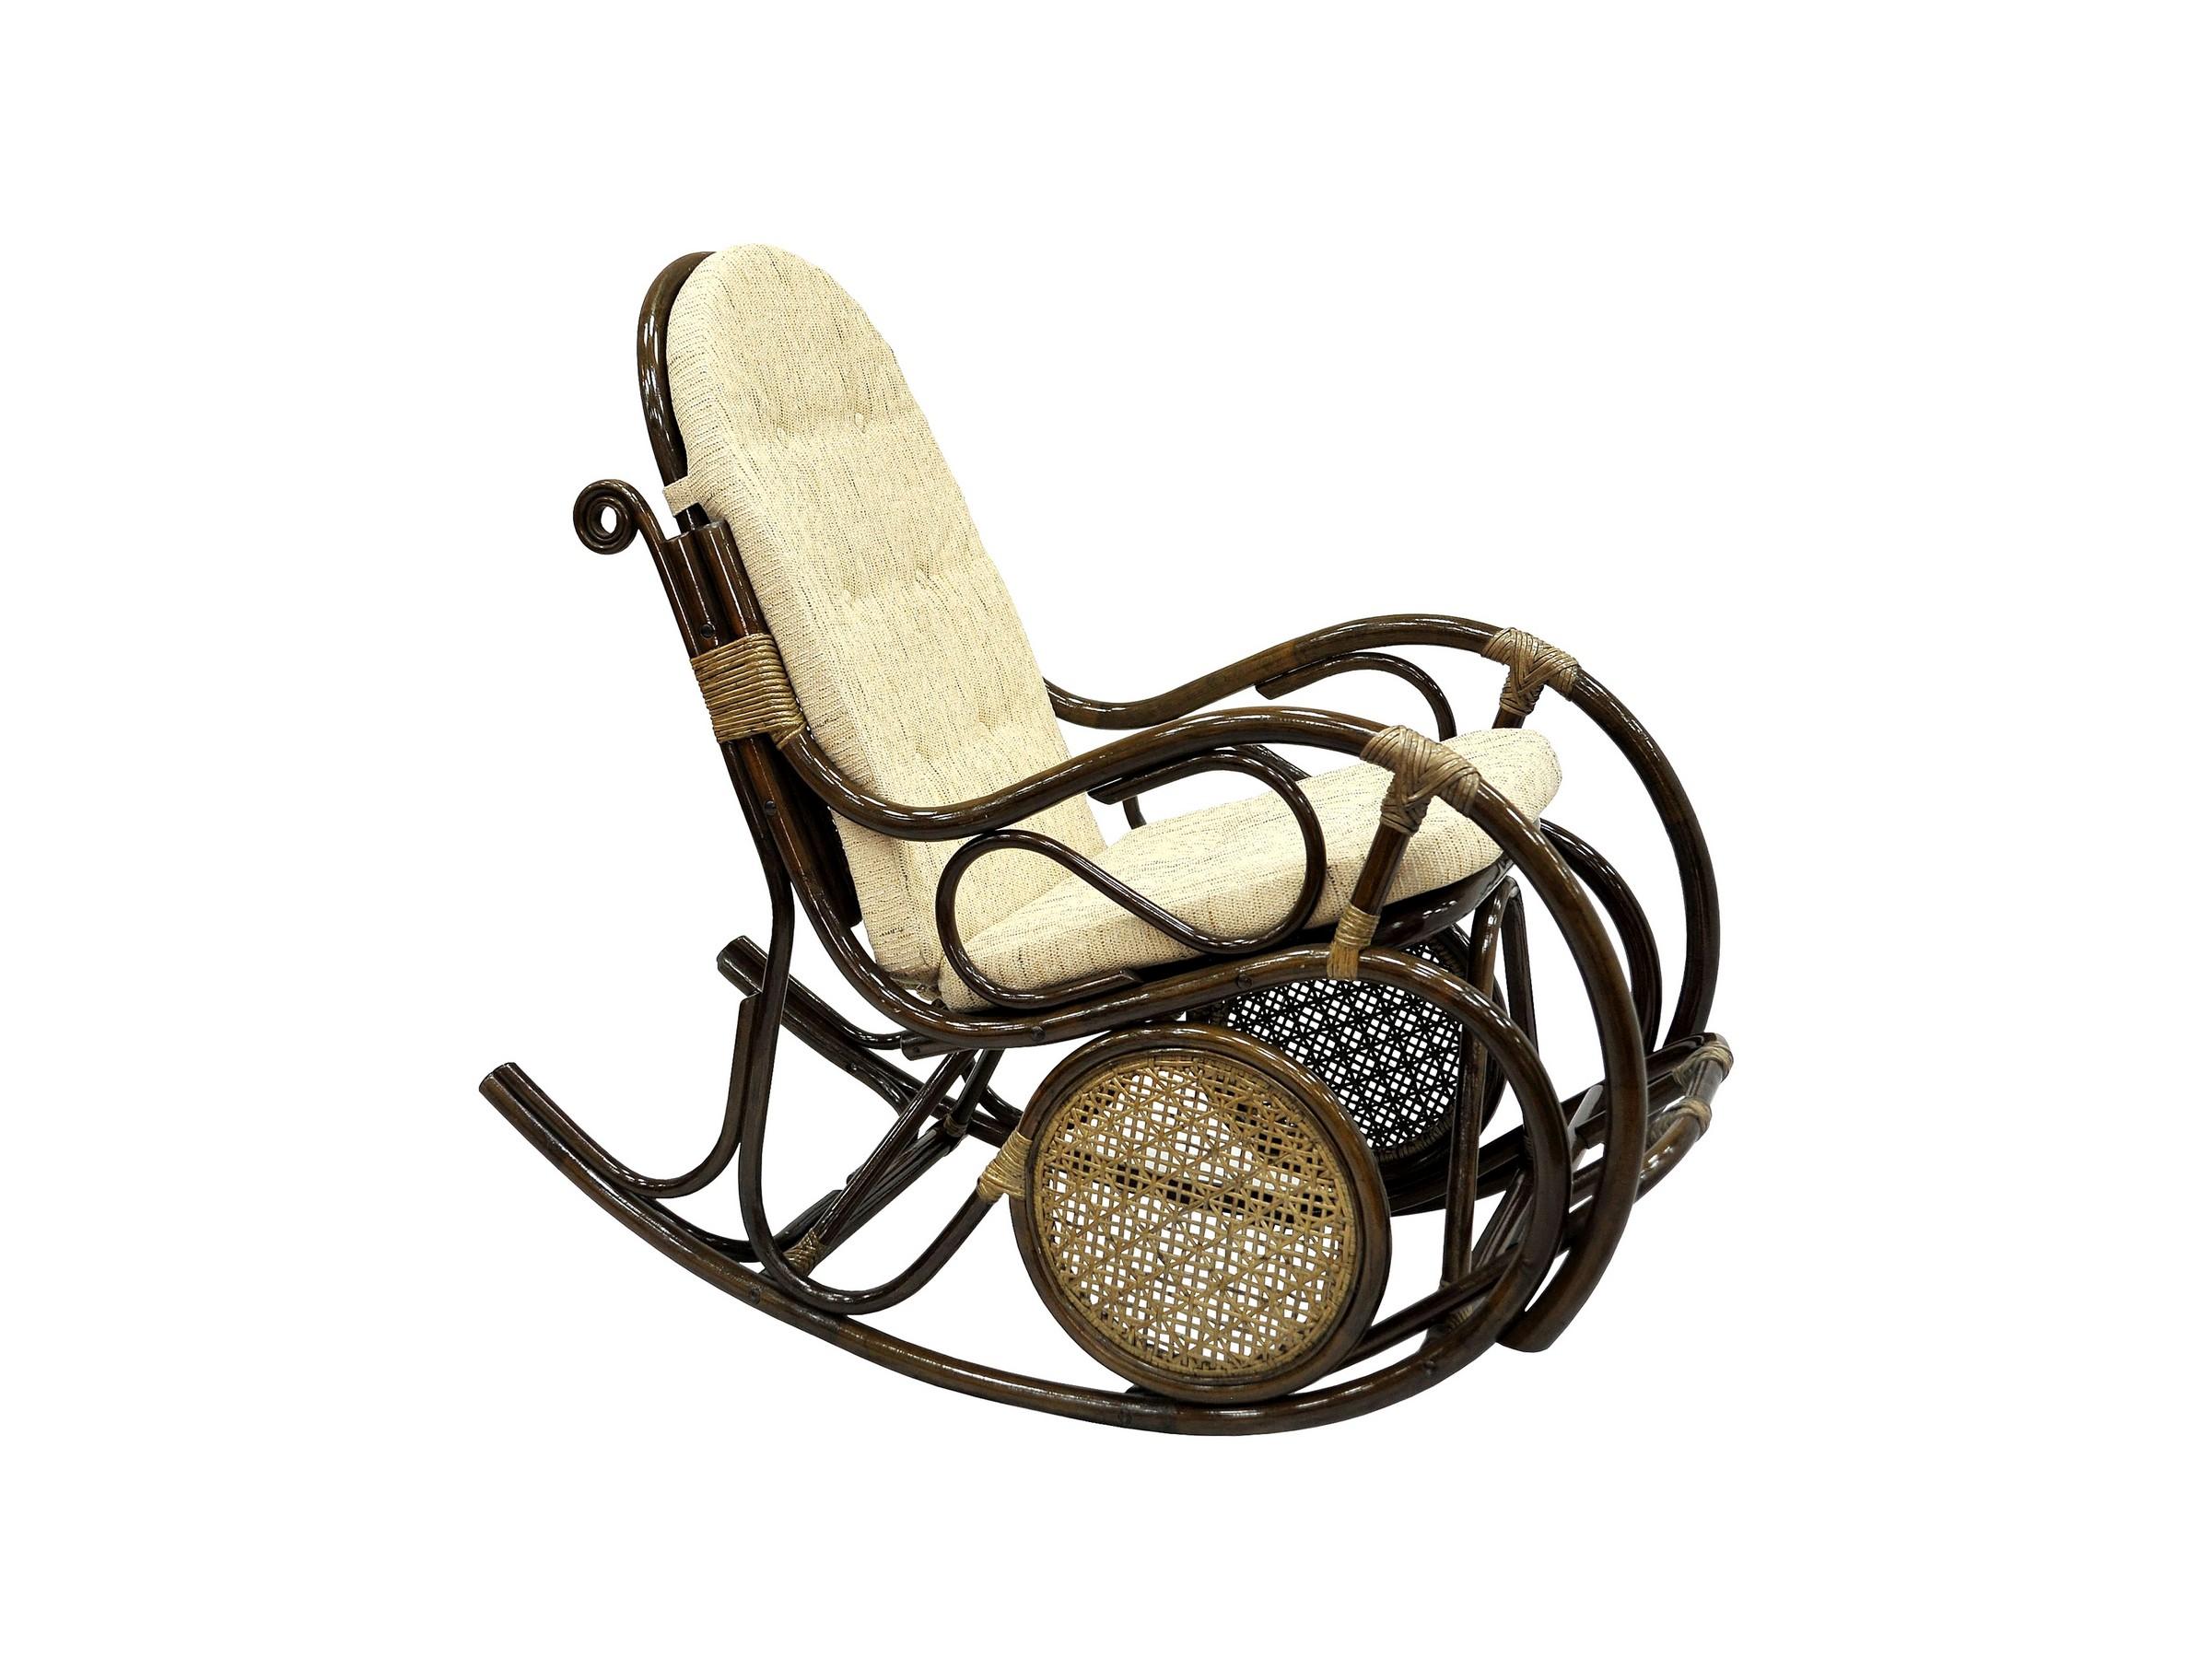 Кресло-качалкаКресла-качалки<br>Каждое кресло-качалка - уникально и неповторимо, ведь оно делается вручную.&amp;amp;nbsp;По вашему желанию может поставляться как в разобранном, так и в собранном виде. Оно без труда поместится в багажник легкового автомобиля. Сборка кресла осуществляется на болты и не требует специальных навыков.&amp;lt;div&amp;gt;&amp;lt;br&amp;gt;&amp;lt;/div&amp;gt;&amp;lt;div&amp;gt;Цвет: браун (коричневый)&amp;lt;/div&amp;gt;&amp;lt;div&amp;gt;Материал подушки: рогожка&amp;lt;/div&amp;gt;&amp;lt;div&amp;gt;Особенности:  сплошное ротанговое плетение на сиденье и спинки, с подножкой&amp;lt;/div&amp;gt;&amp;lt;div&amp;gt;Вес, кг:  16&amp;lt;/div&amp;gt;&amp;lt;div&amp;gt;Выдерживаемая нагрузка, кг:  100&amp;lt;/div&amp;gt;&amp;lt;div&amp;gt;&amp;lt;br&amp;gt;&amp;lt;/div&amp;gt;<br><br>Material: Ротанг<br>Width см: 61<br>Depth см: 137<br>Height см: 107